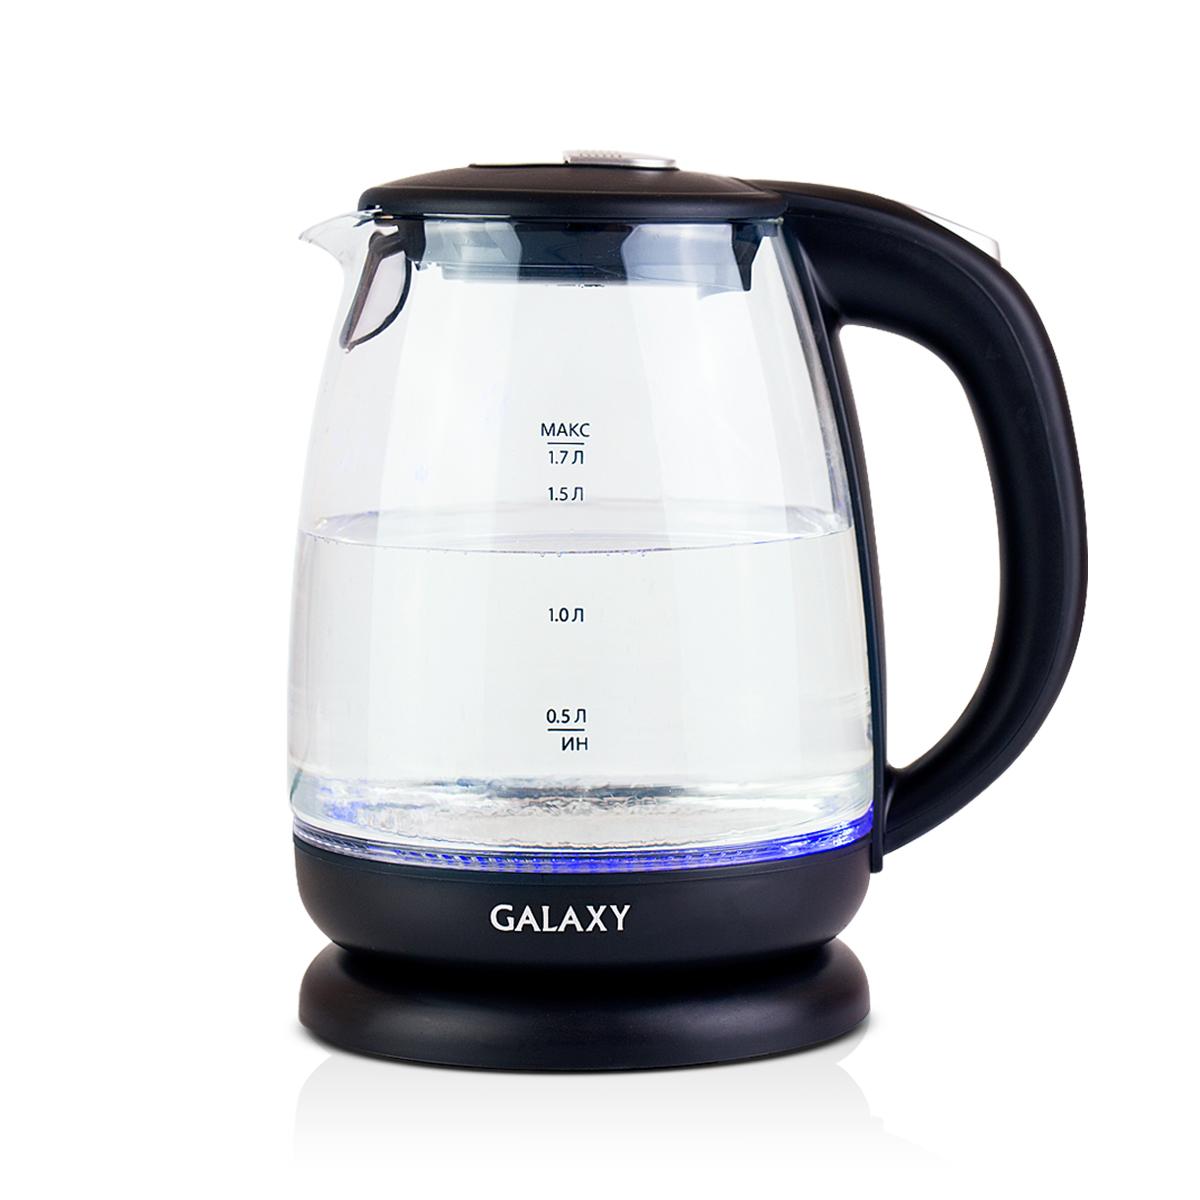 Galaxy GL 0550, Black чайник электрический4630003367662Электрический чайник Galaxy GL 0550 отвечает всем современным требованиям надежности и безопасности. При его производстве используются только высококачественные и экологически безопасные материалы, а такженагревательный элемент и контроллеры высокого класса надежности. Устройство будет служить вам долгие годы, наполняя ваш быт комфортом!Galaxy GL 0550 - это мощная (2200 Вт) модель объемом 1,7 л. С помощью этого чайника вы сможете приготовить чай на большую компанию за считанные минуты. Вращающийся корпус сделает использование чайника еще болееудобным, а фильтр избавит от попадания накипи в чашку.